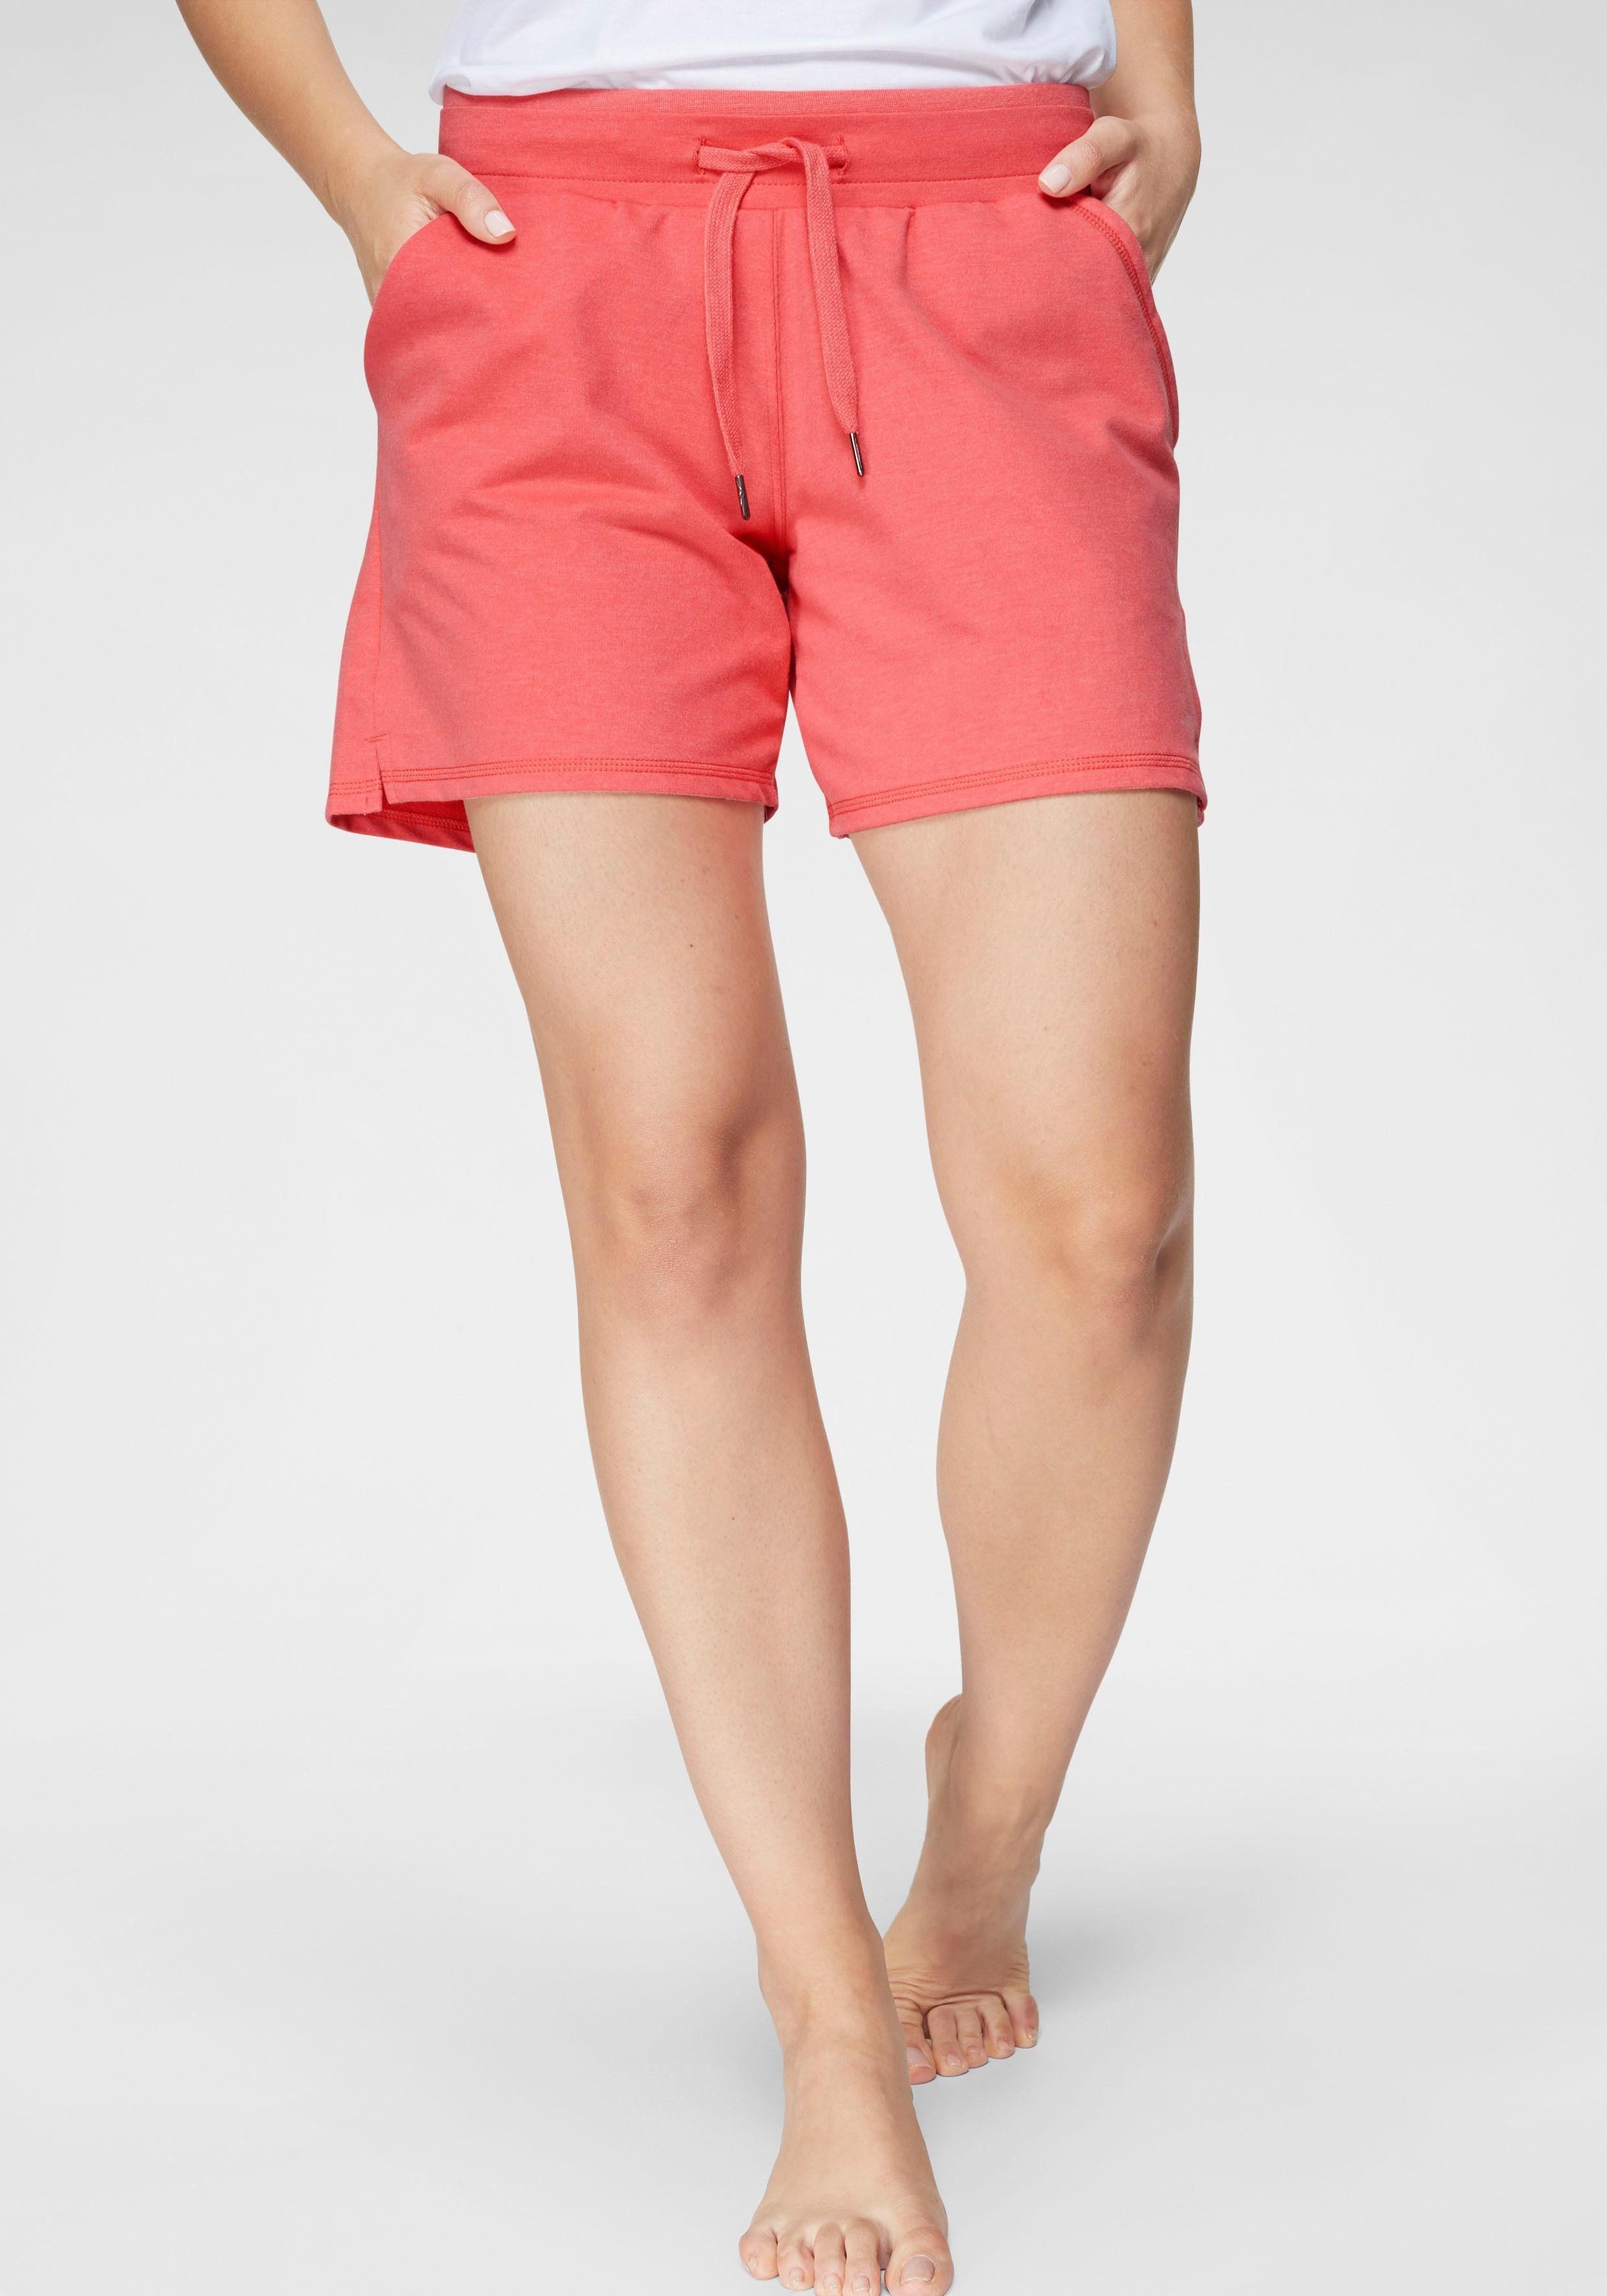 s.Oliver Jungen Kurze Sweathose//Shorts//Bermuda mit Neon Zugband dunkelblau 58C7